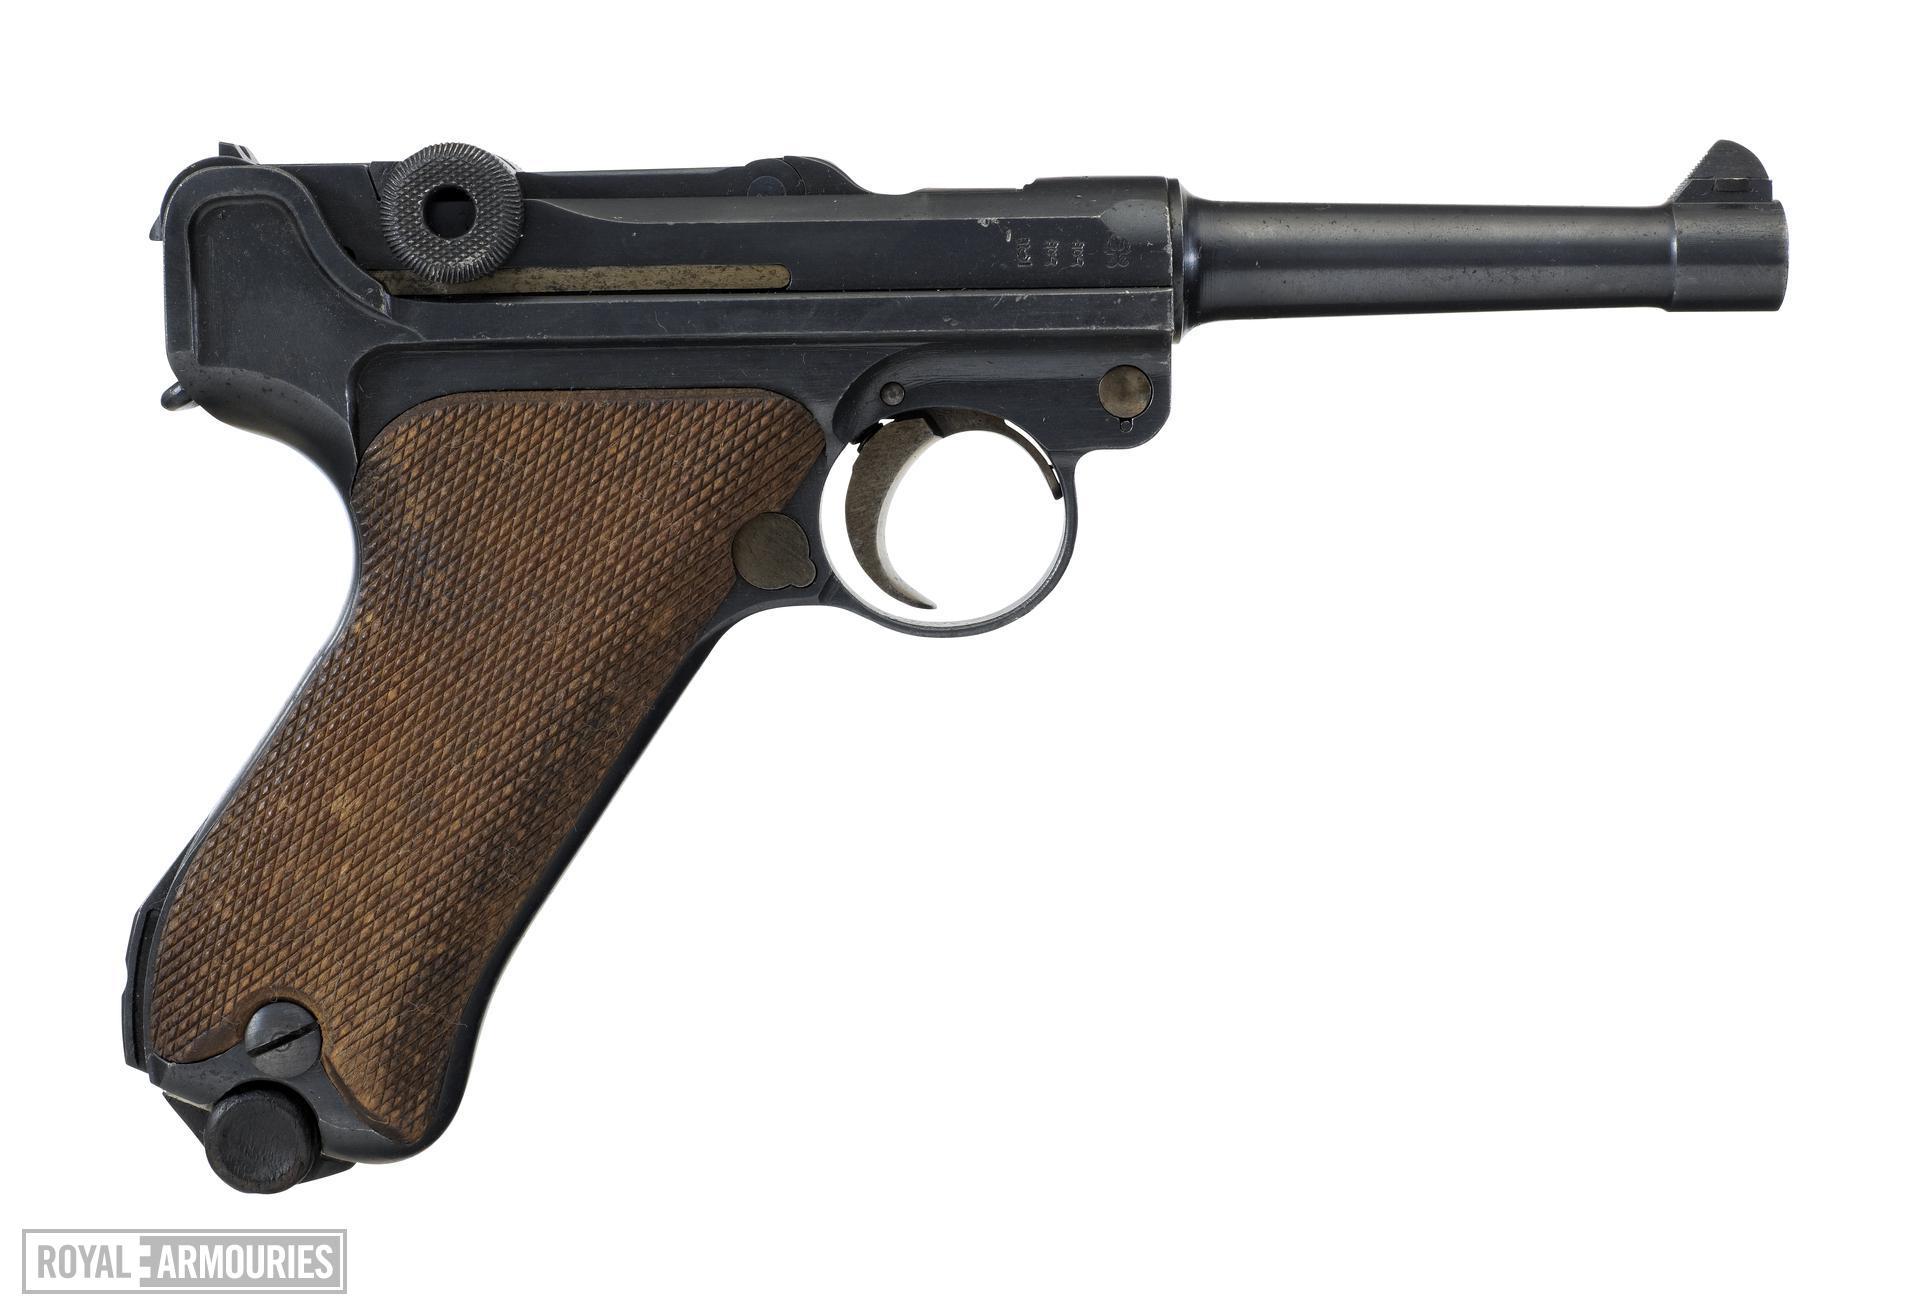 Centrefire self-loading pistol - Luger Model PO8 Manufactured by D.W.M (Deutsche Waffen-und Munitionsfabriken).